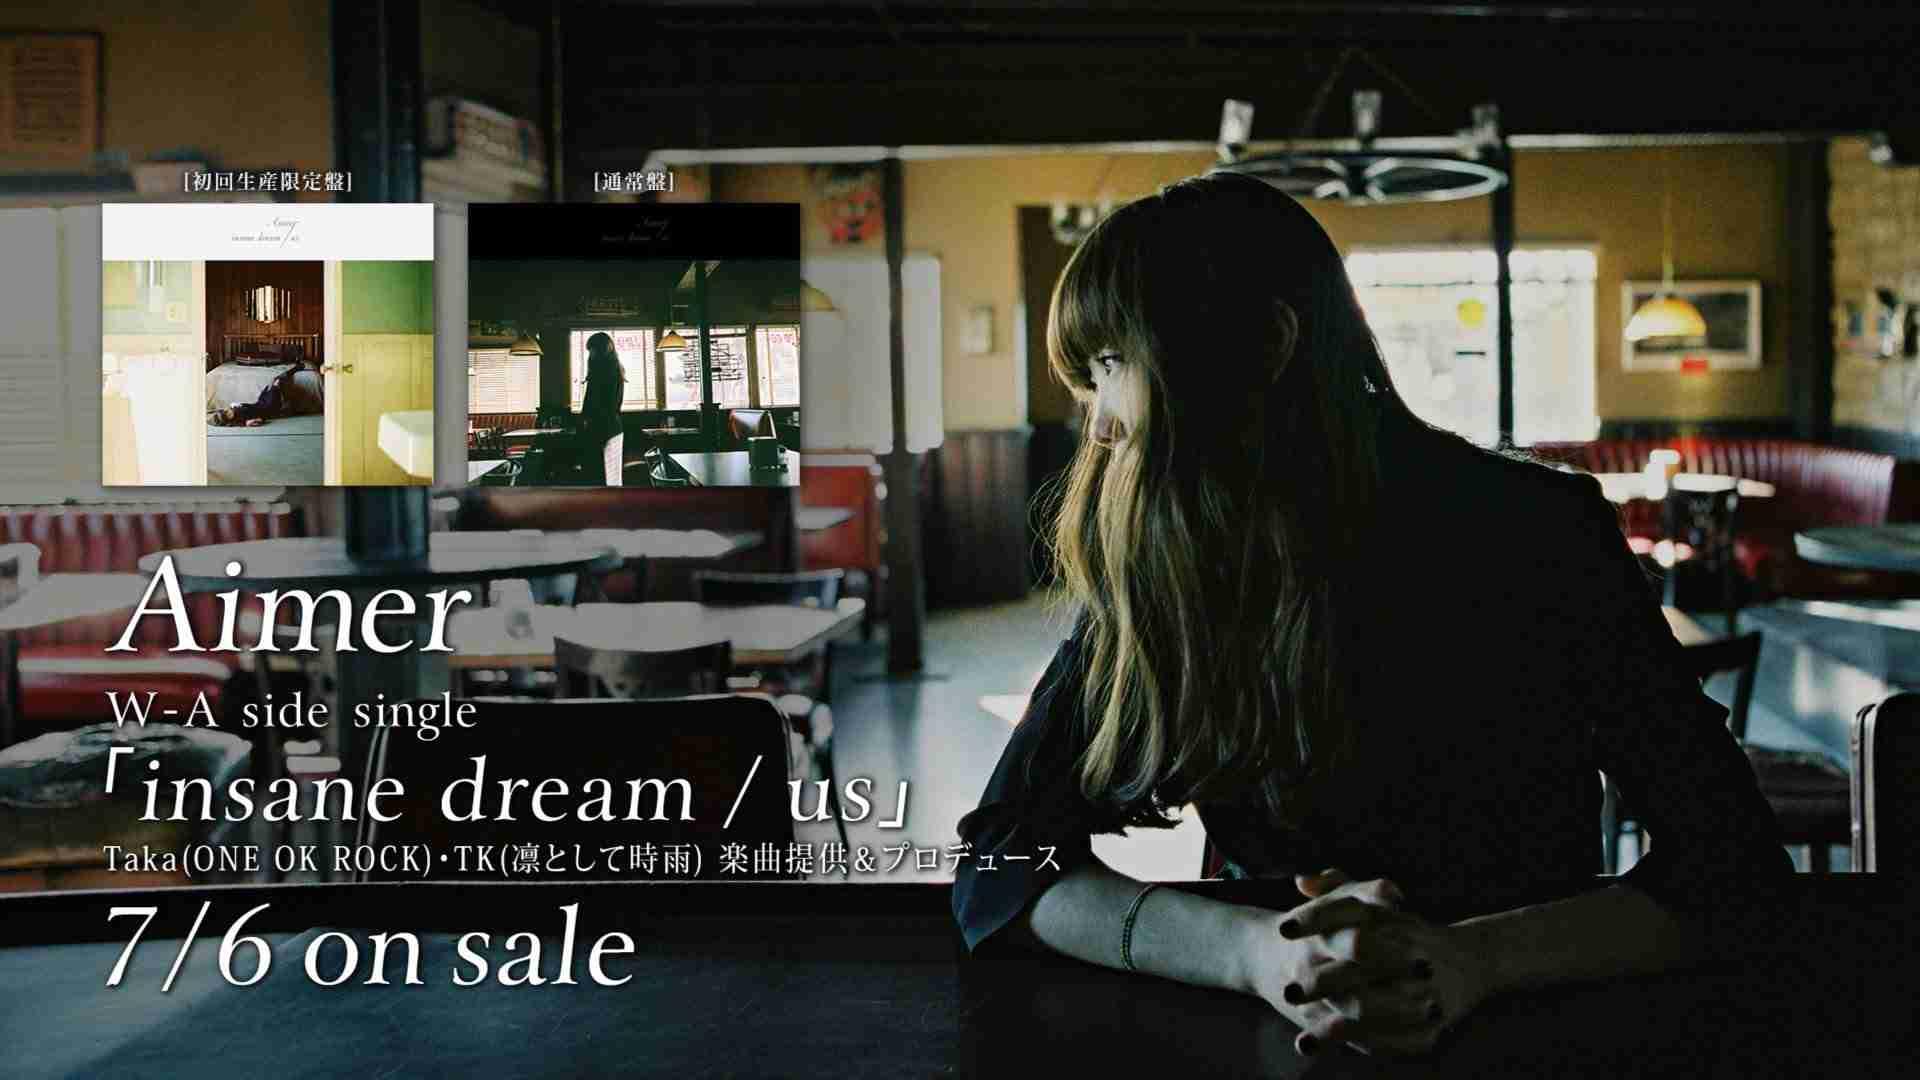 Aimer 『insane dream』 ※Taka(ONE OK ROCK)楽曲提供・プロデュース 9/21発売new album「daydream」収録 - YouTube